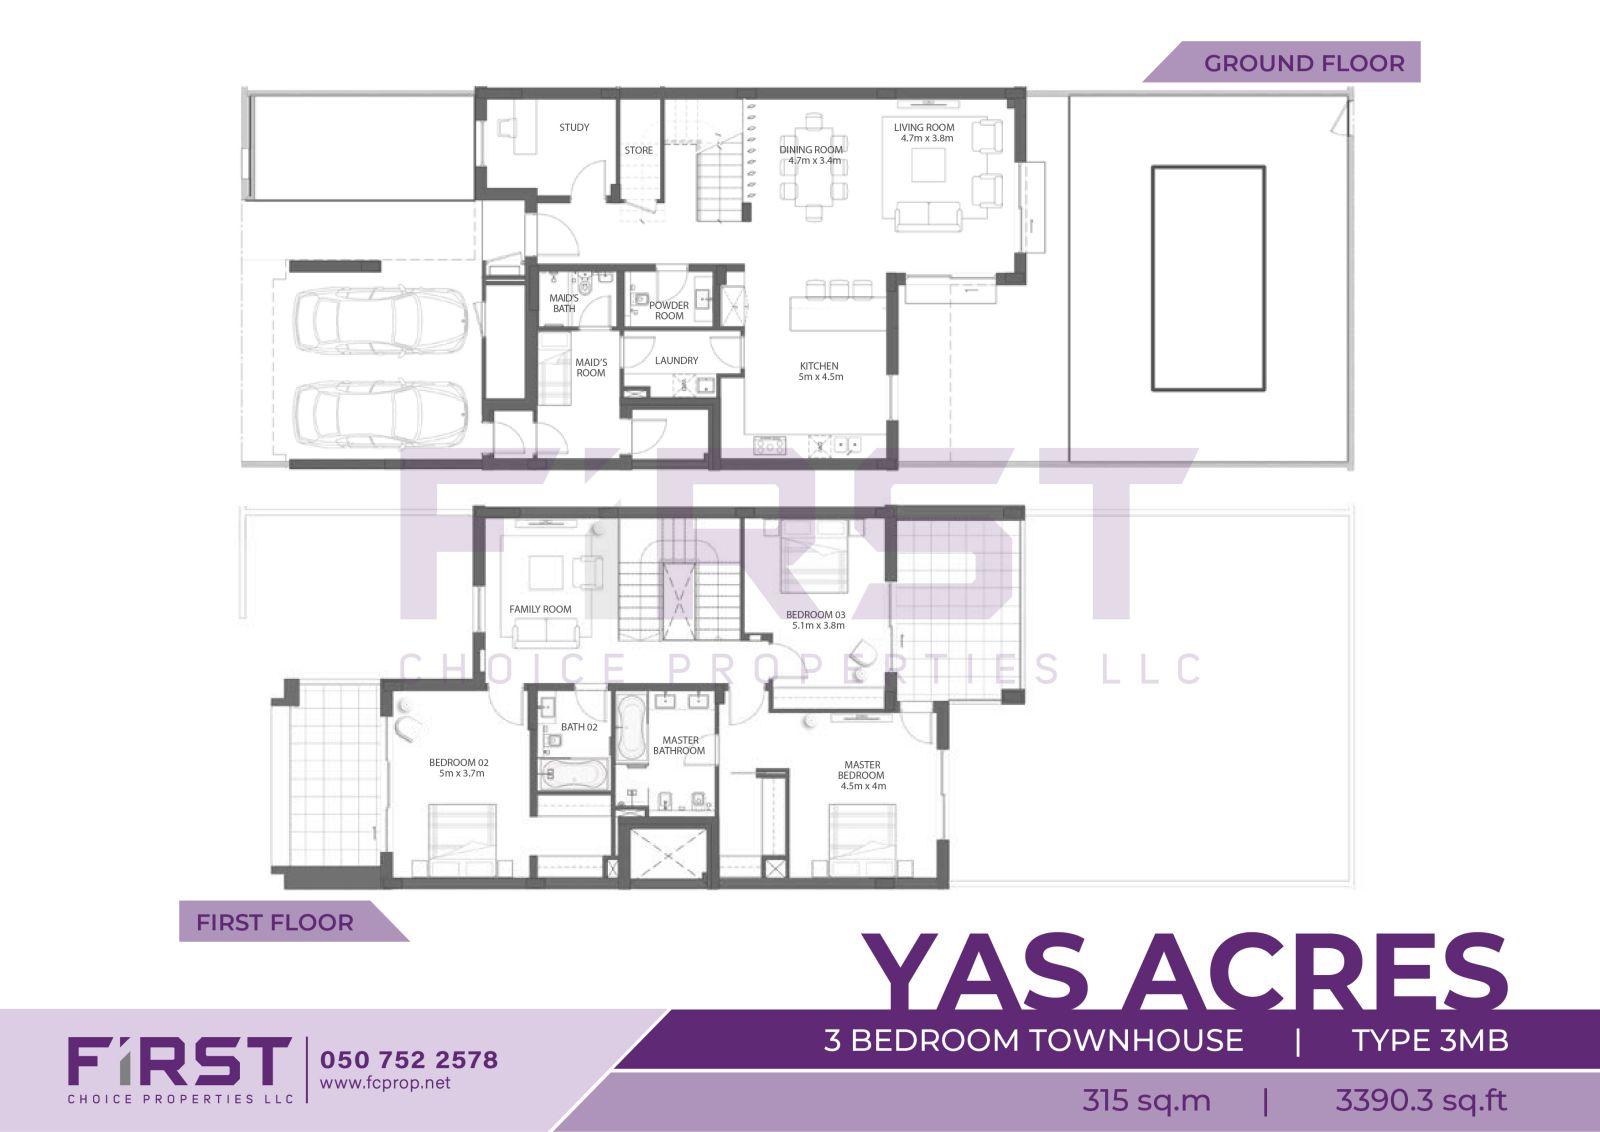 Floor Plan of 3 Bedroom Townhouse Type 3MB in Yas Acres Yas Island Abu Dhabi UAE 315 sq.m 3390.3 sq.ft.jpg